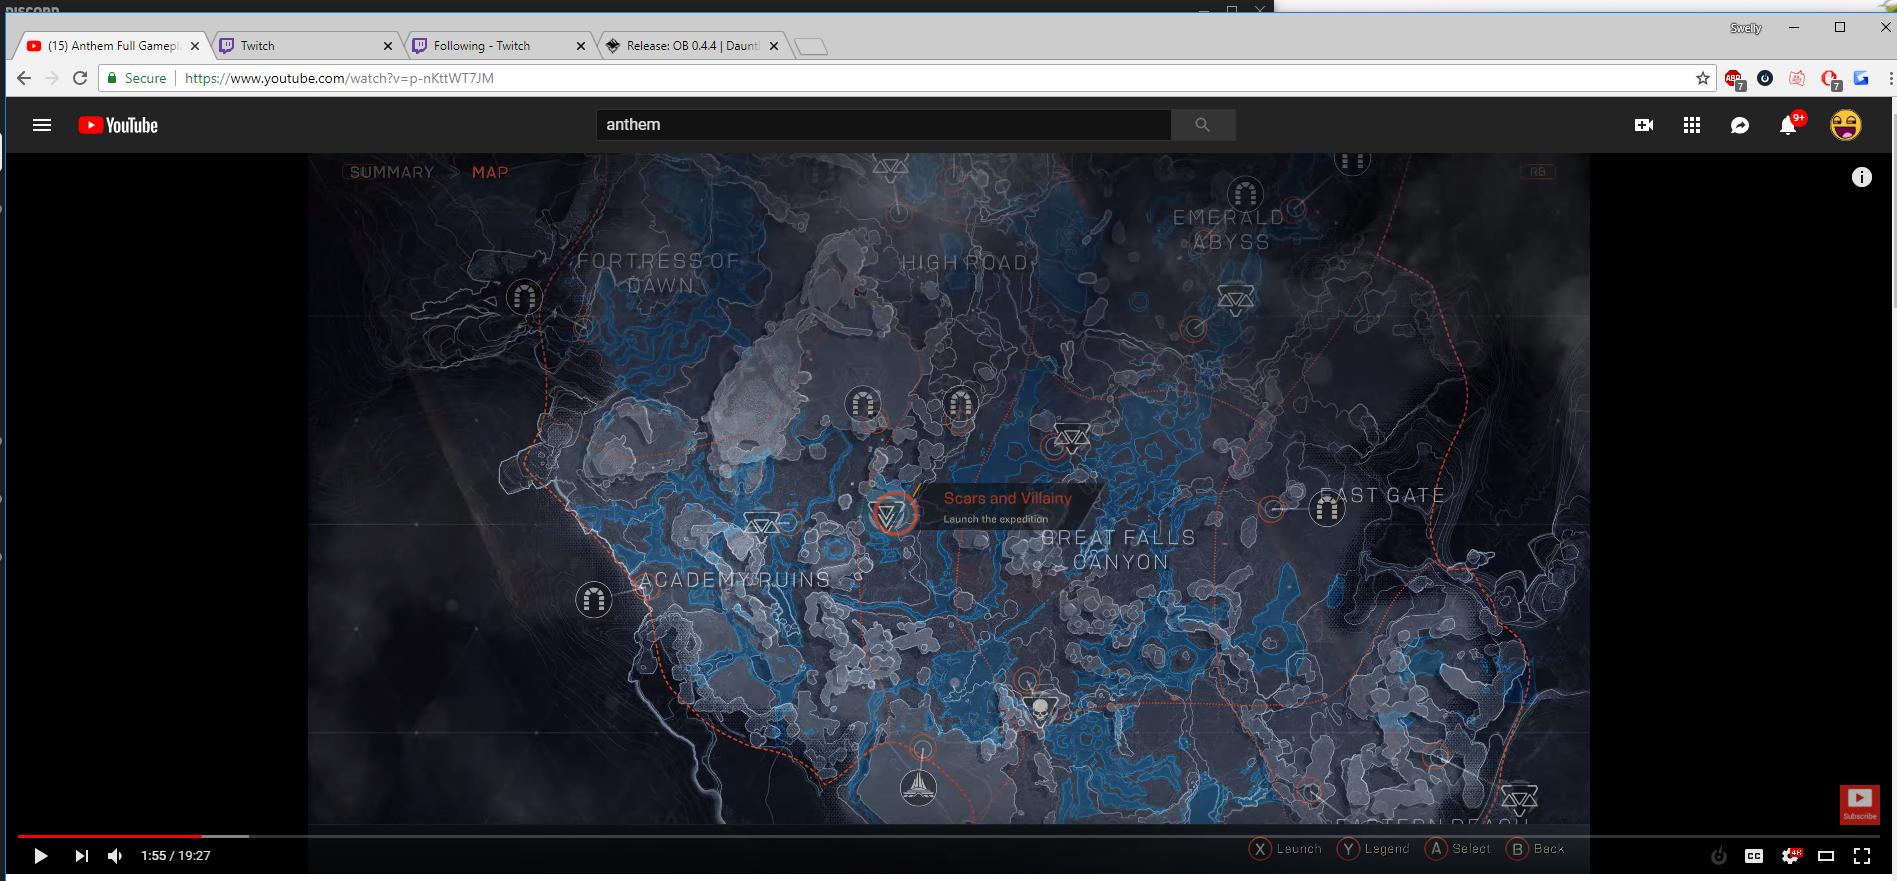 Parte do mapa de Anthem é revelado por usuário; BioWare confirma 1